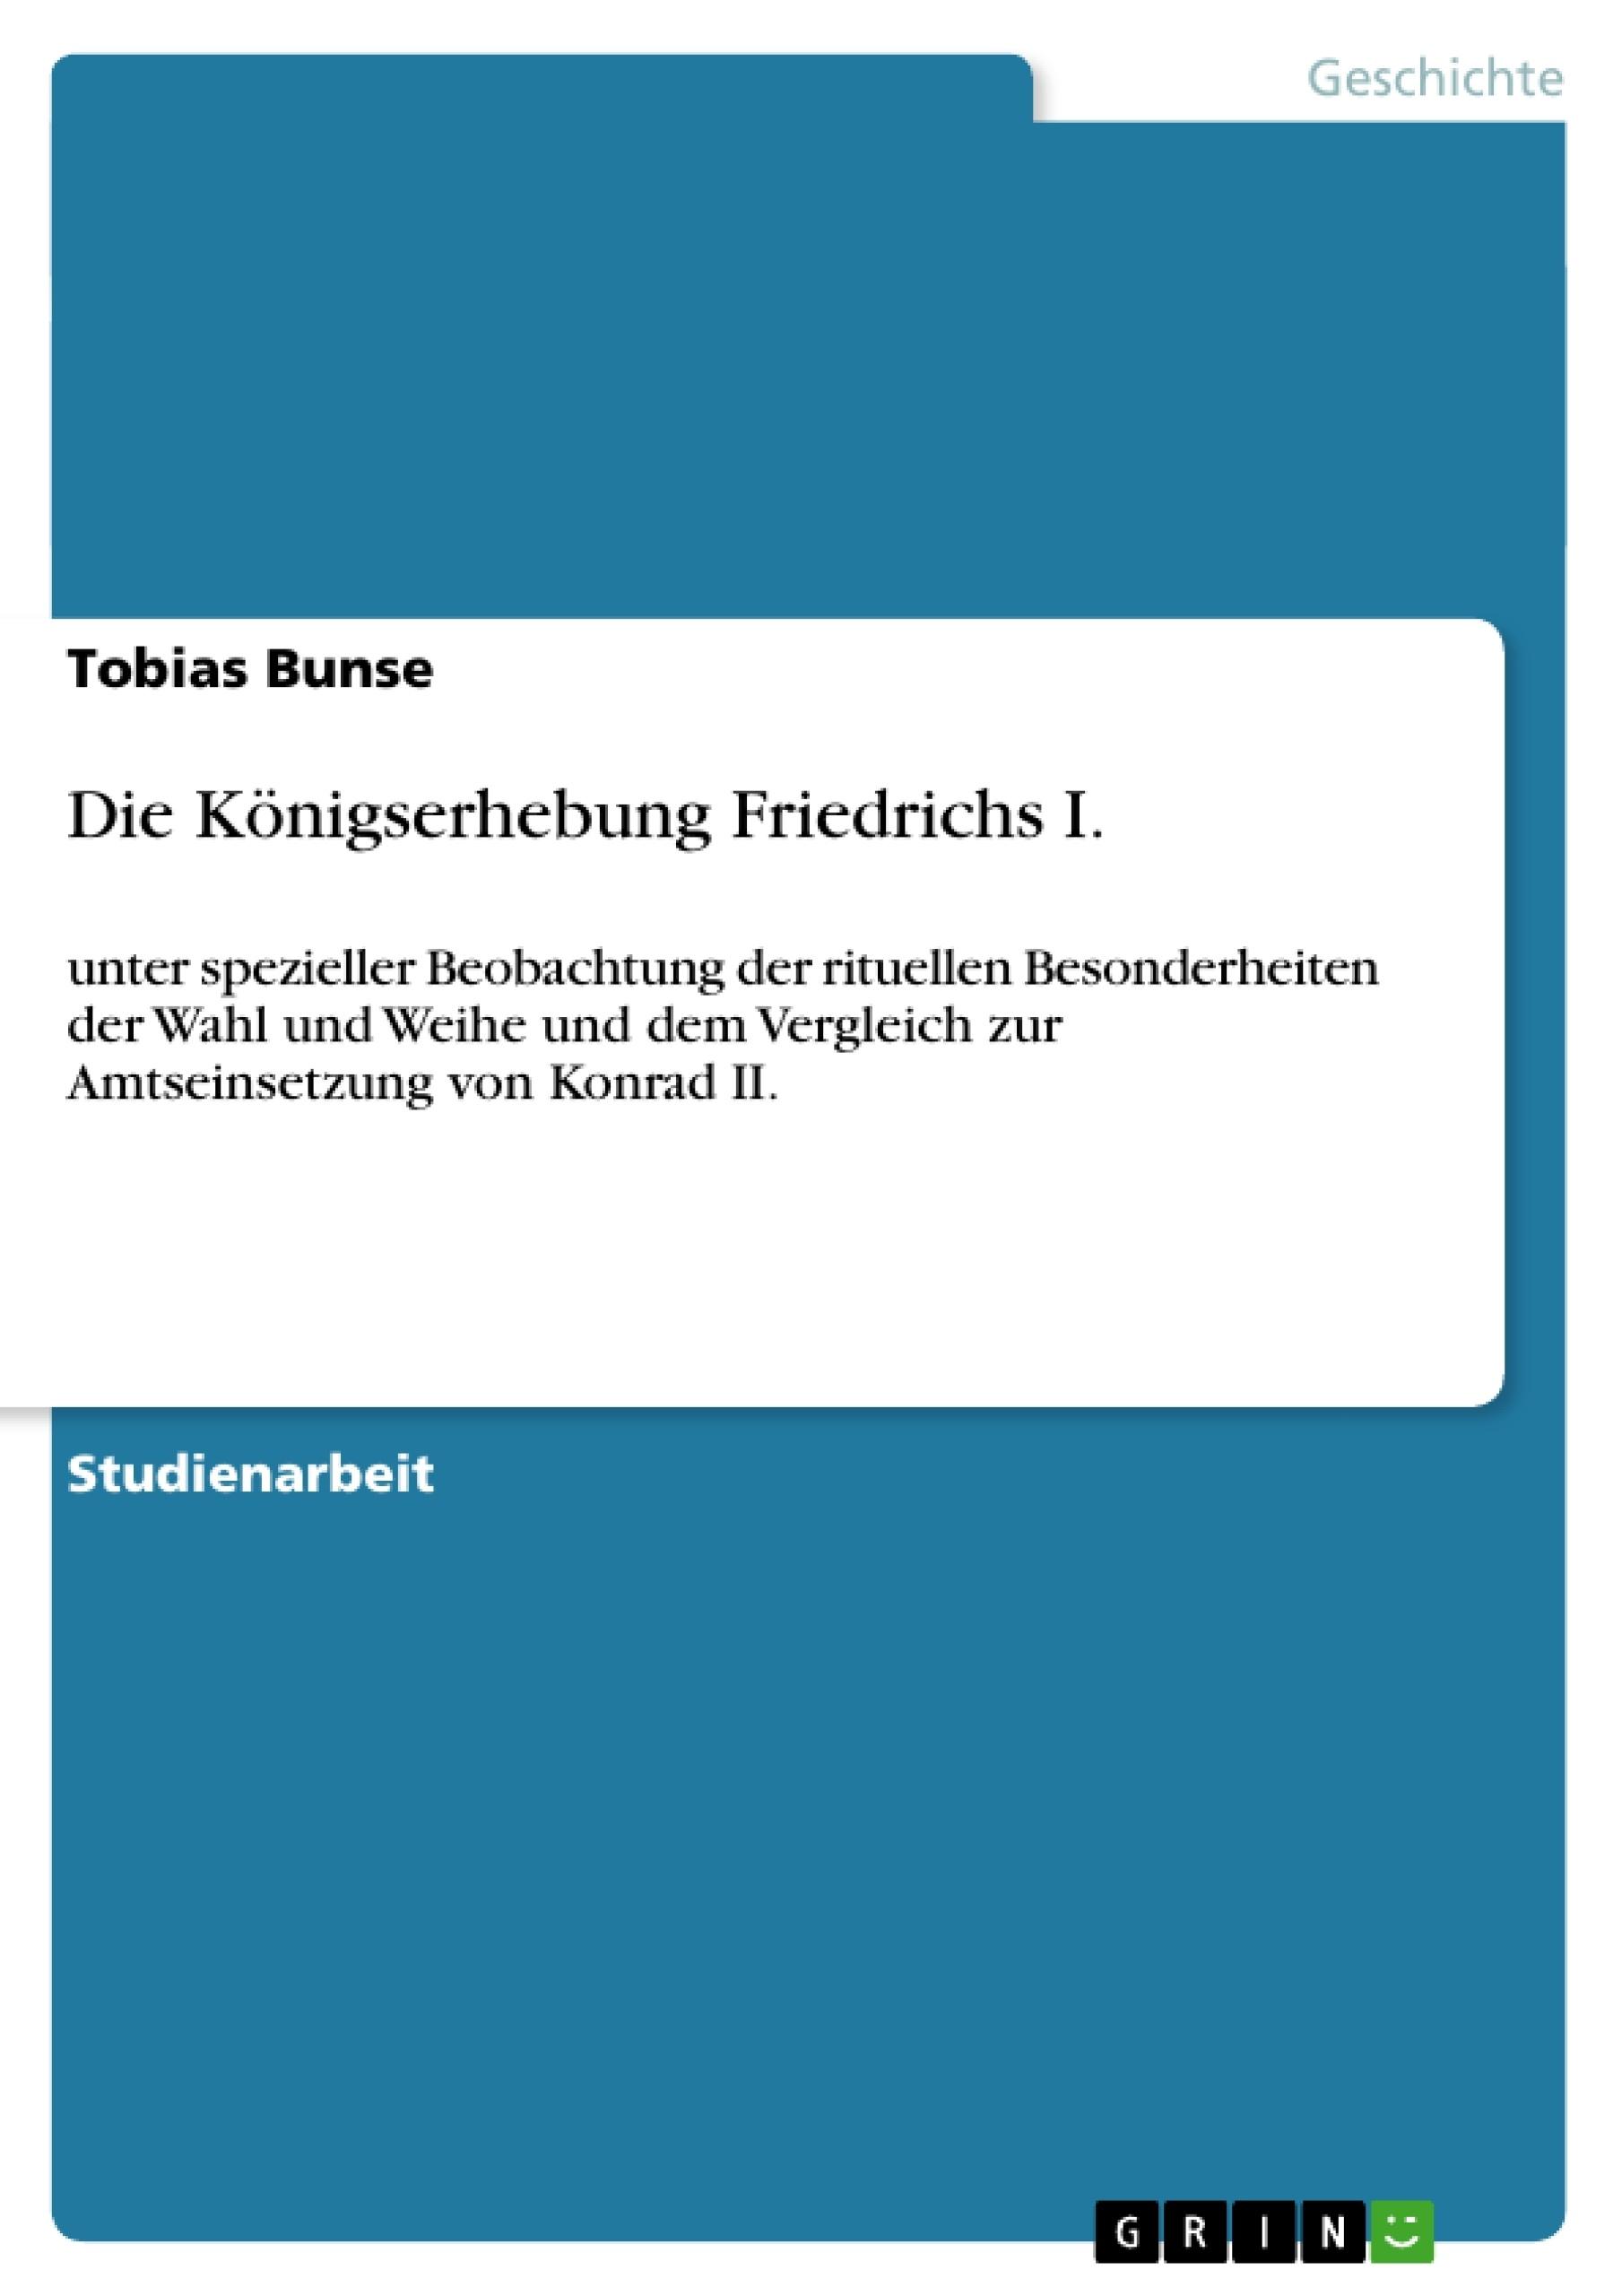 Titel: Die Königserhebung Friedrichs I.